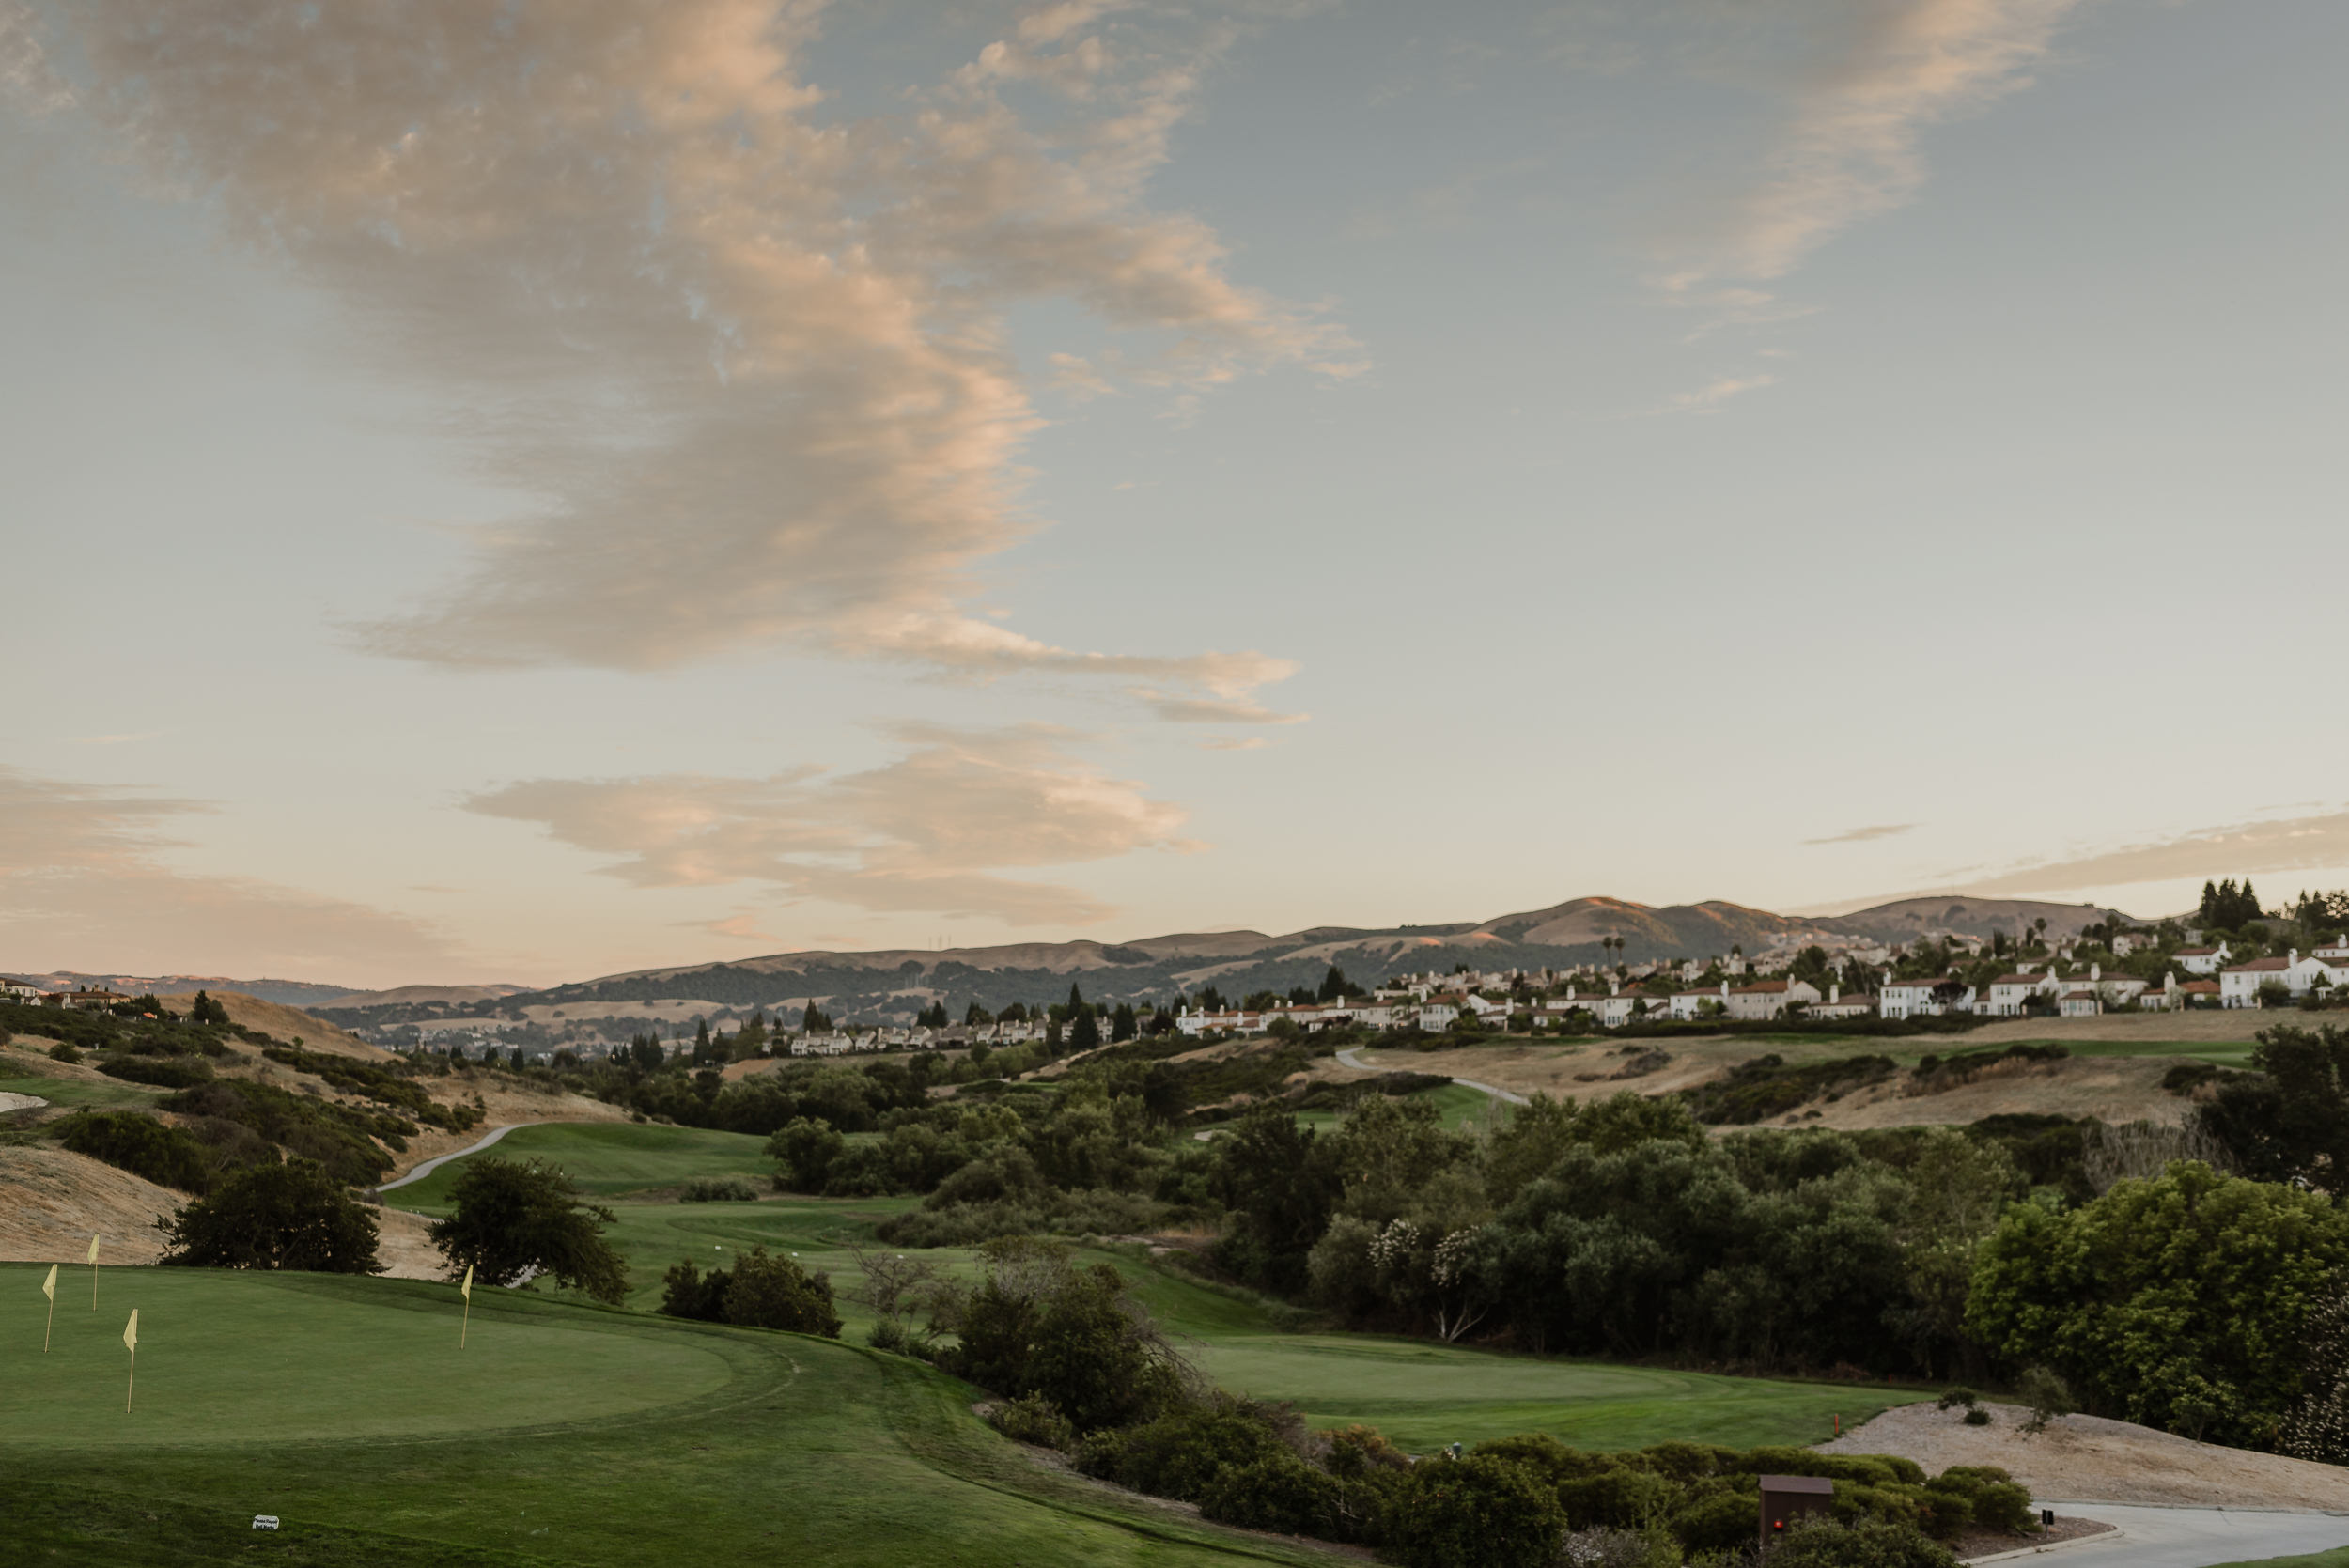 70-bridges-golf-club-wedding-vivianchen-032.jpg